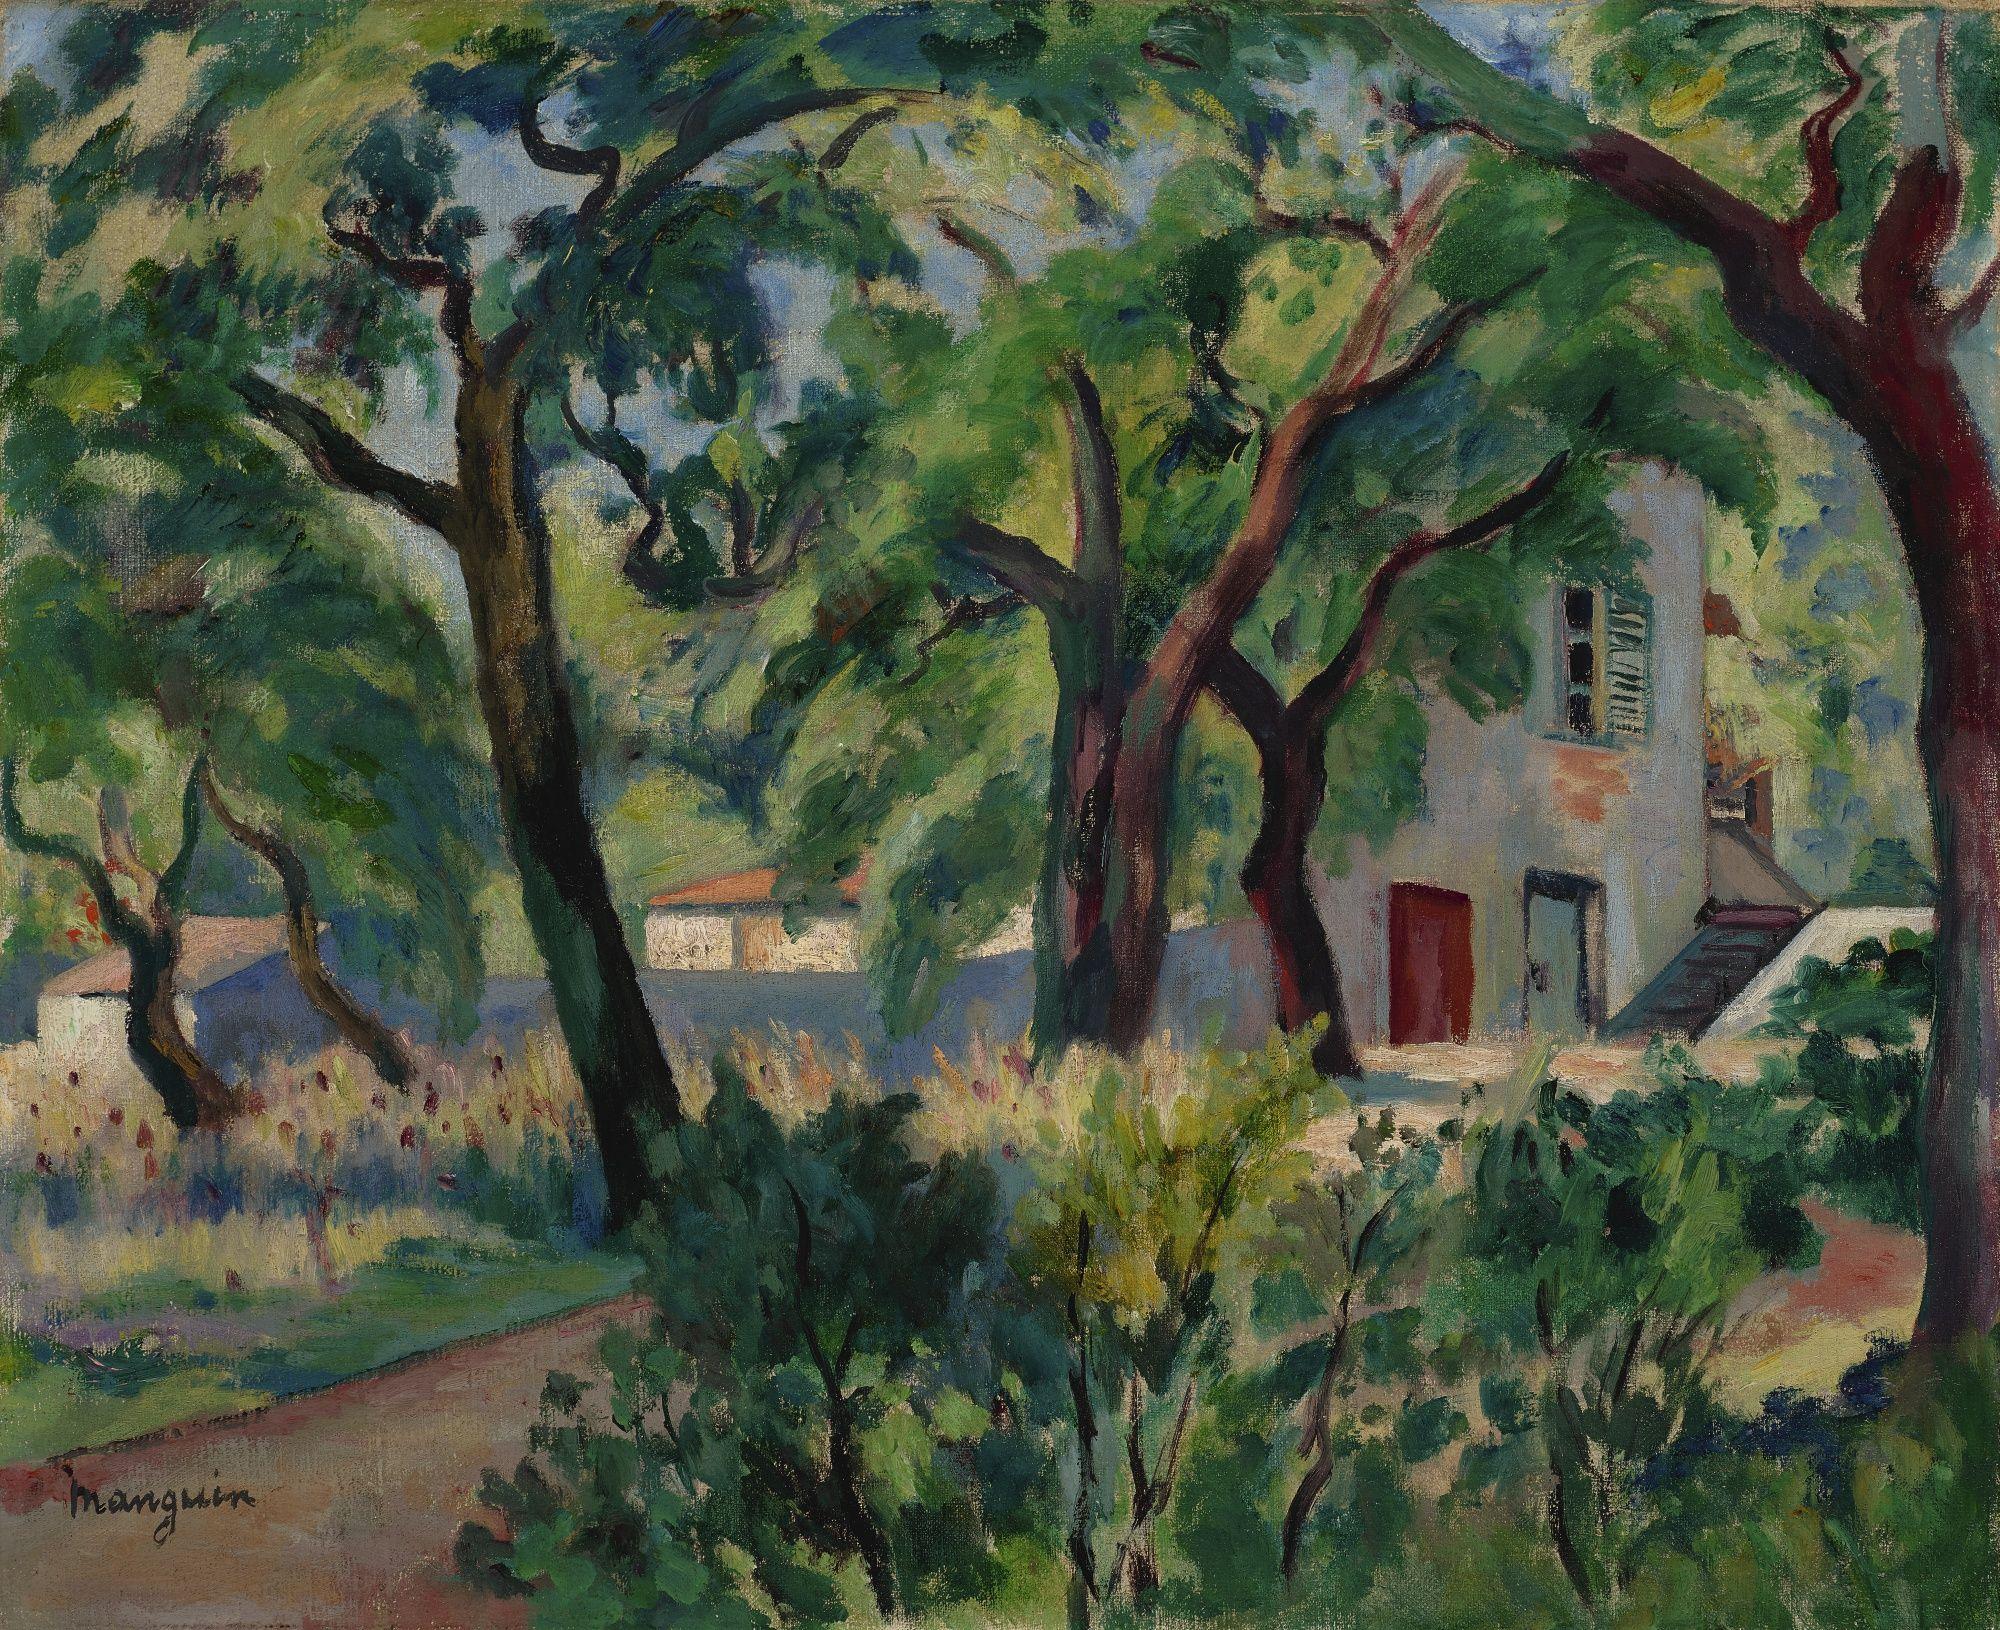 Henri Manguin (1874 - 1949)LA MAISON DANS LA FORÊT, SAINT-TROPEZSigned  Manguin (lower left)Oil on canvas   Art day, Painting, Latin american art